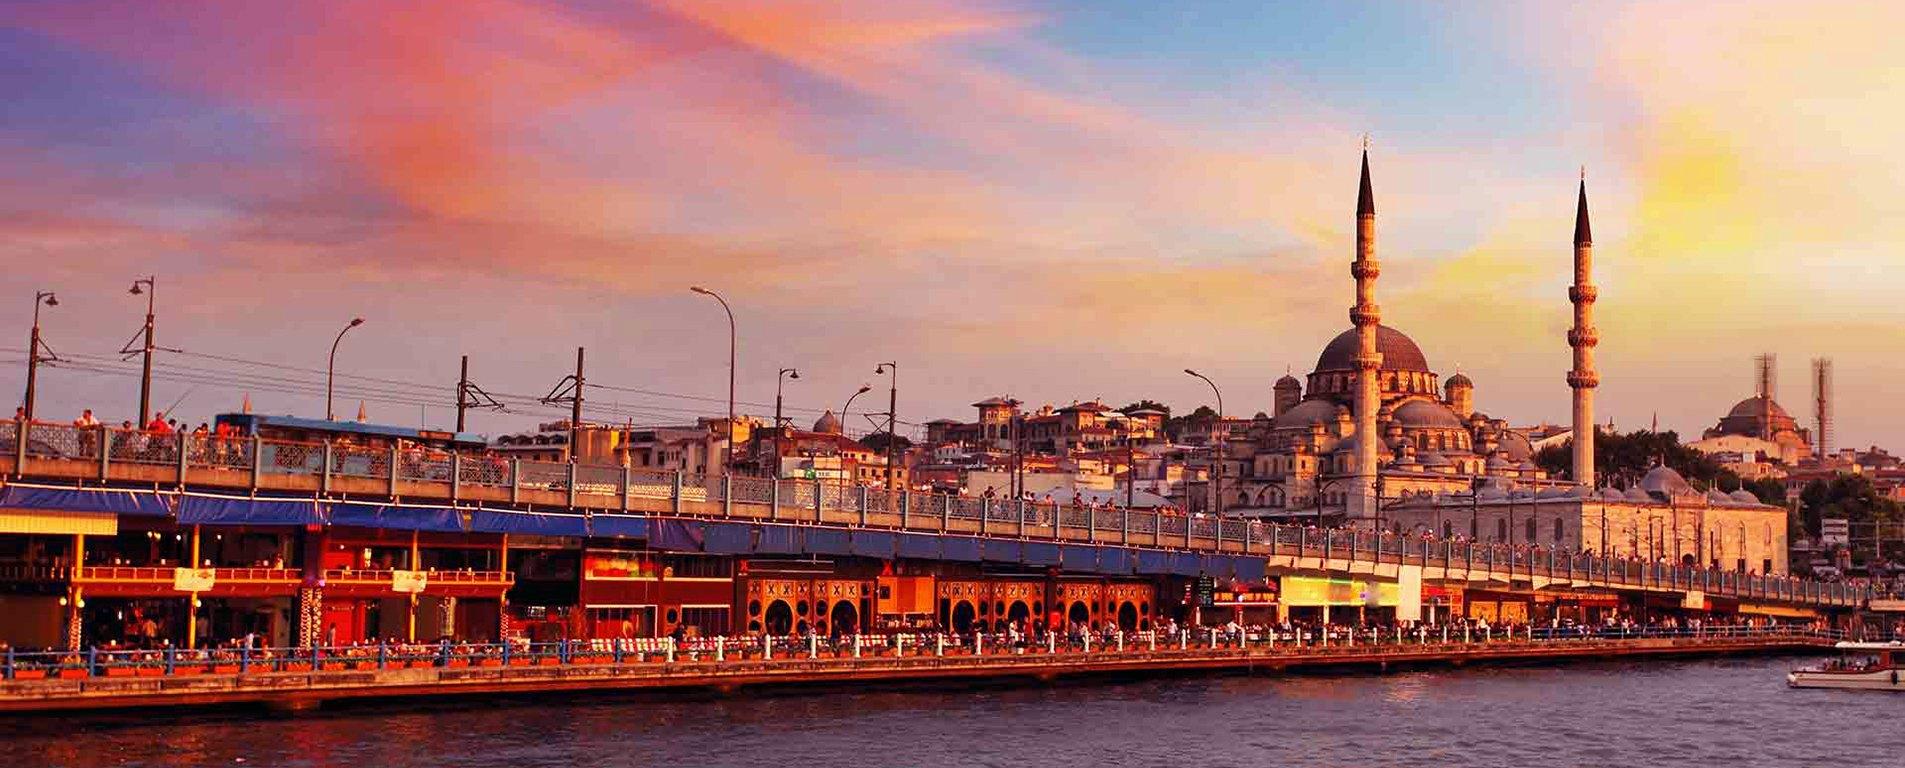 مراکز تفریحی استانبول ، خوشحالیهای سفر به ترکیه